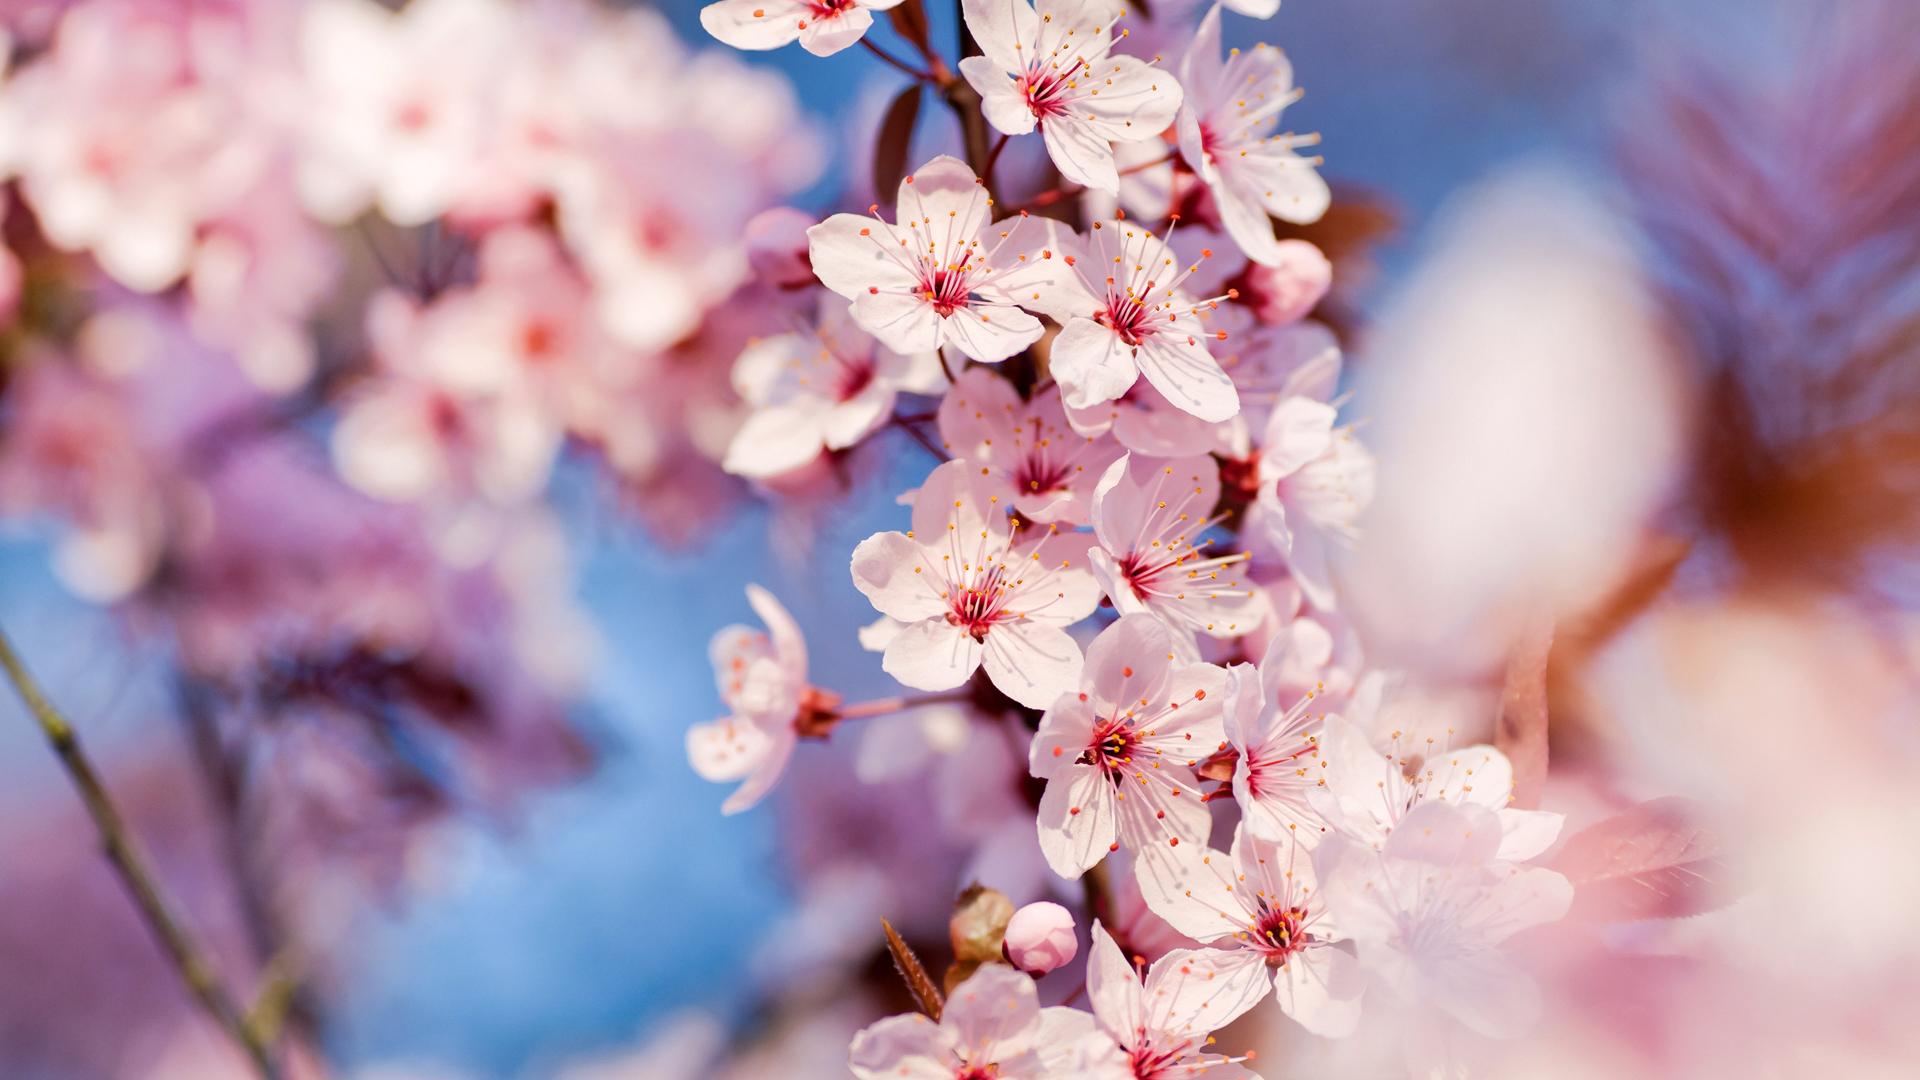 cseresznyevirag.jpg